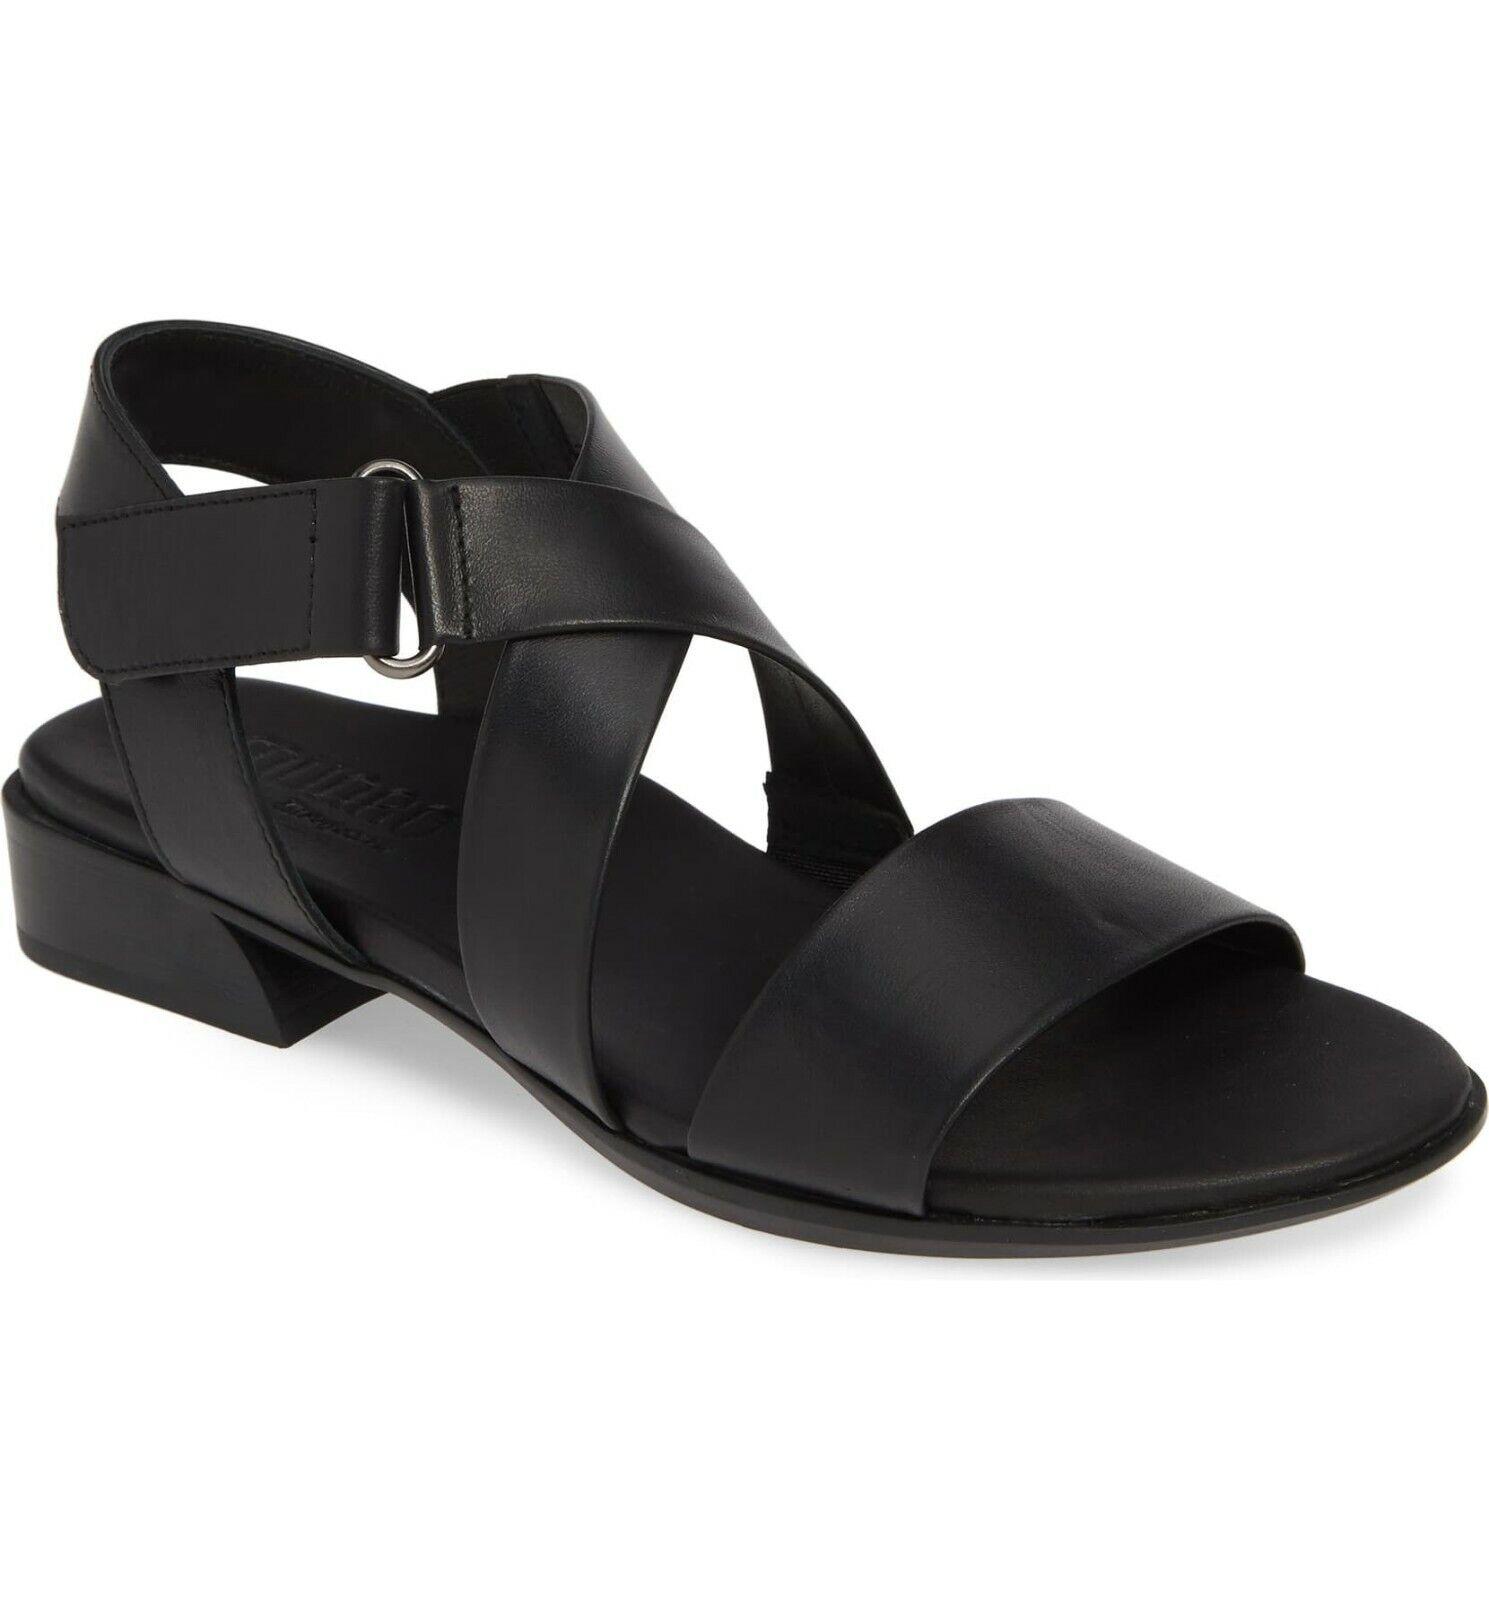 NEW Munro Souki Sandal, Black Leather, Women Size 9.5 M,   210